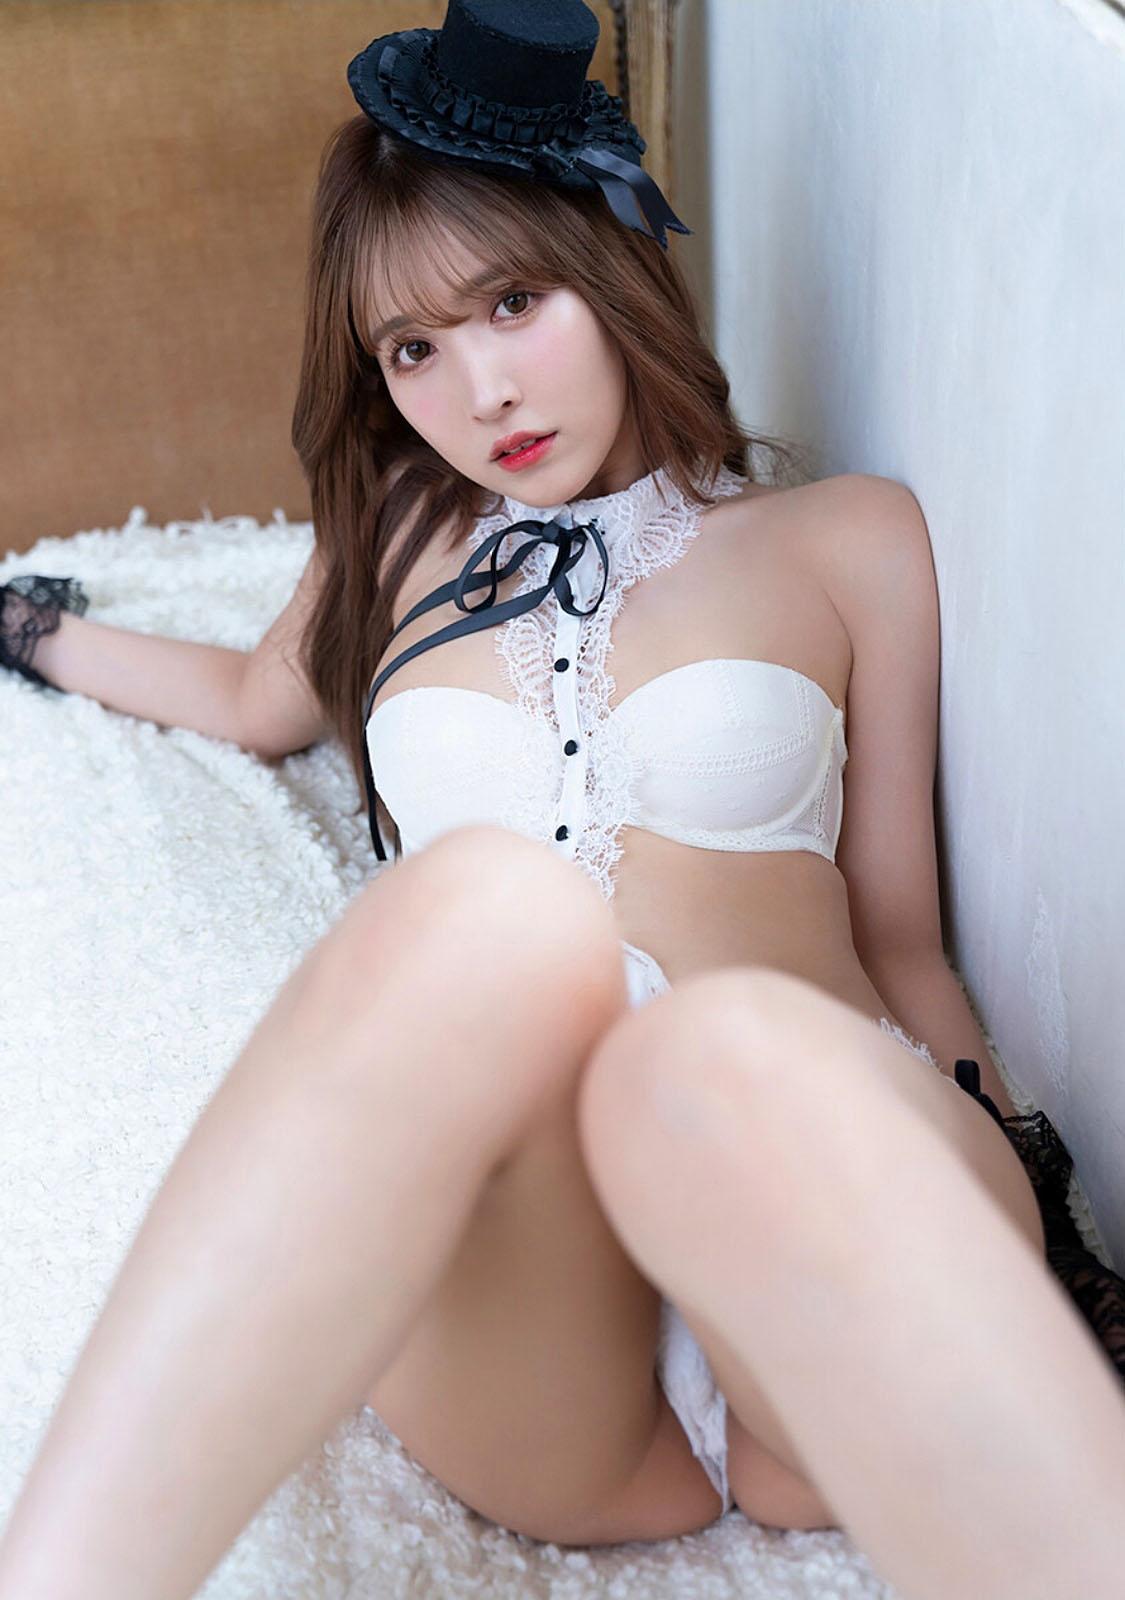 YMikami Harem 32 2021 28.jpg